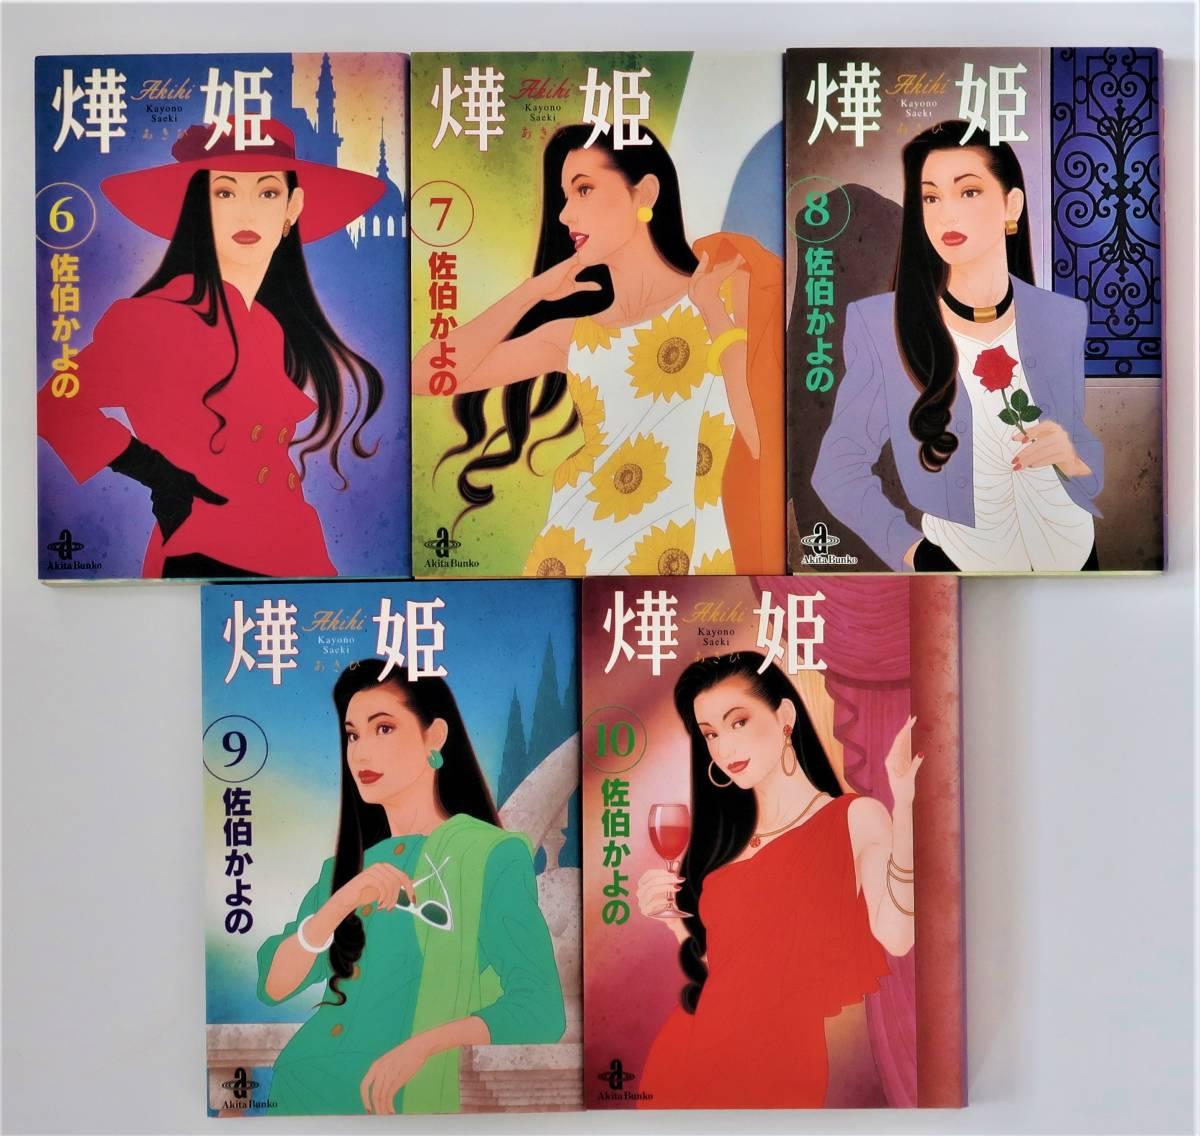 ヤフオク! - 燁姫-あきひ- 全10巻/佐伯かよの/秋田文庫